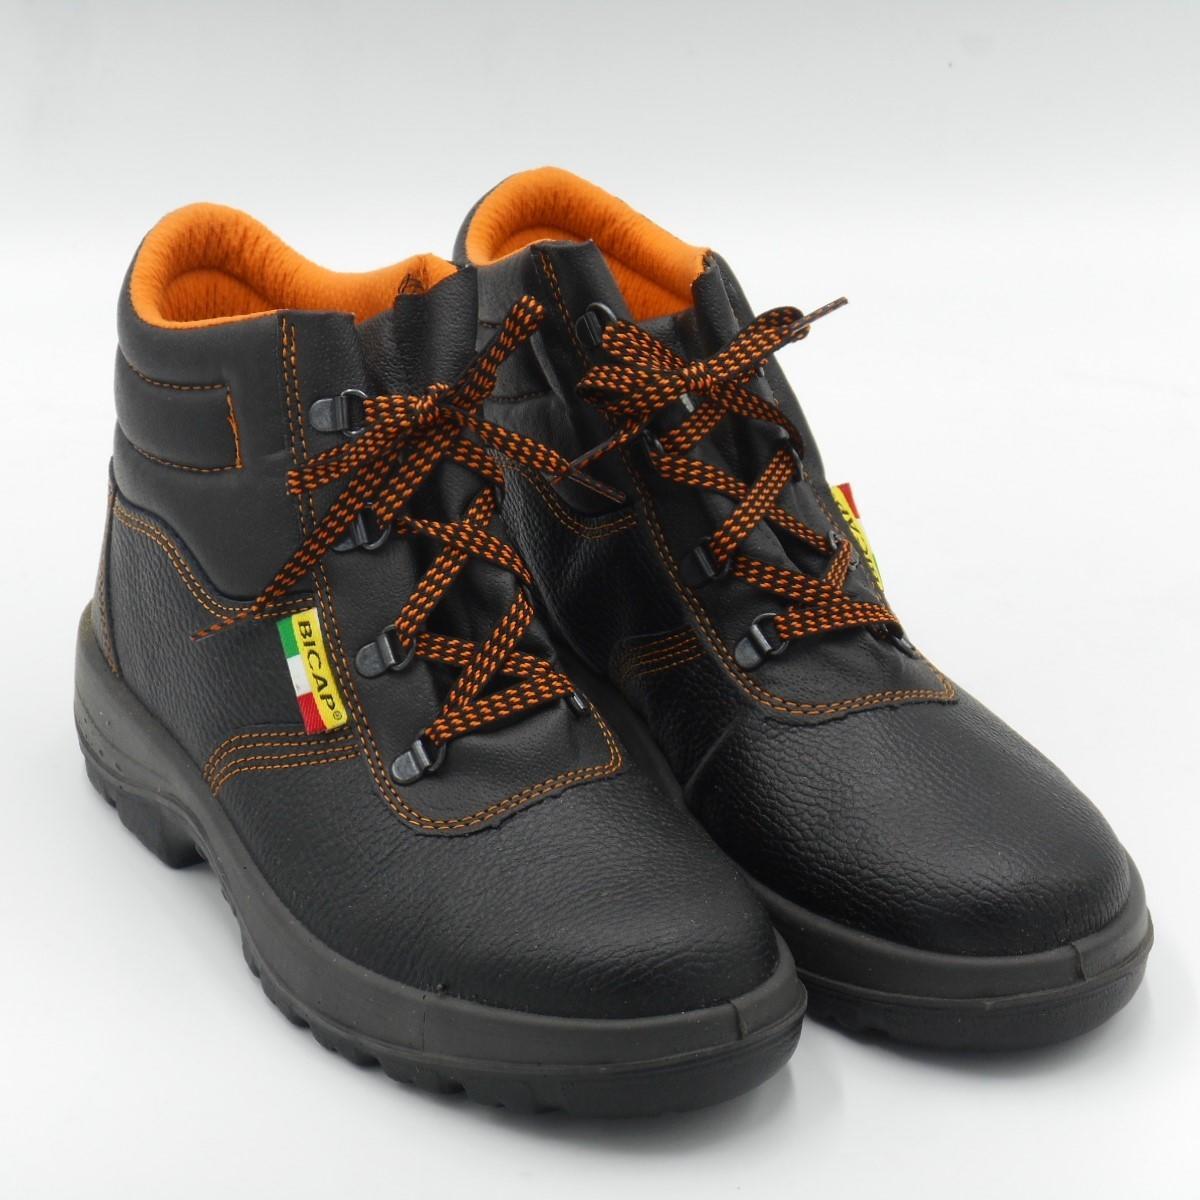 scarpe da lavoro, antinfortunistica, senza puntale